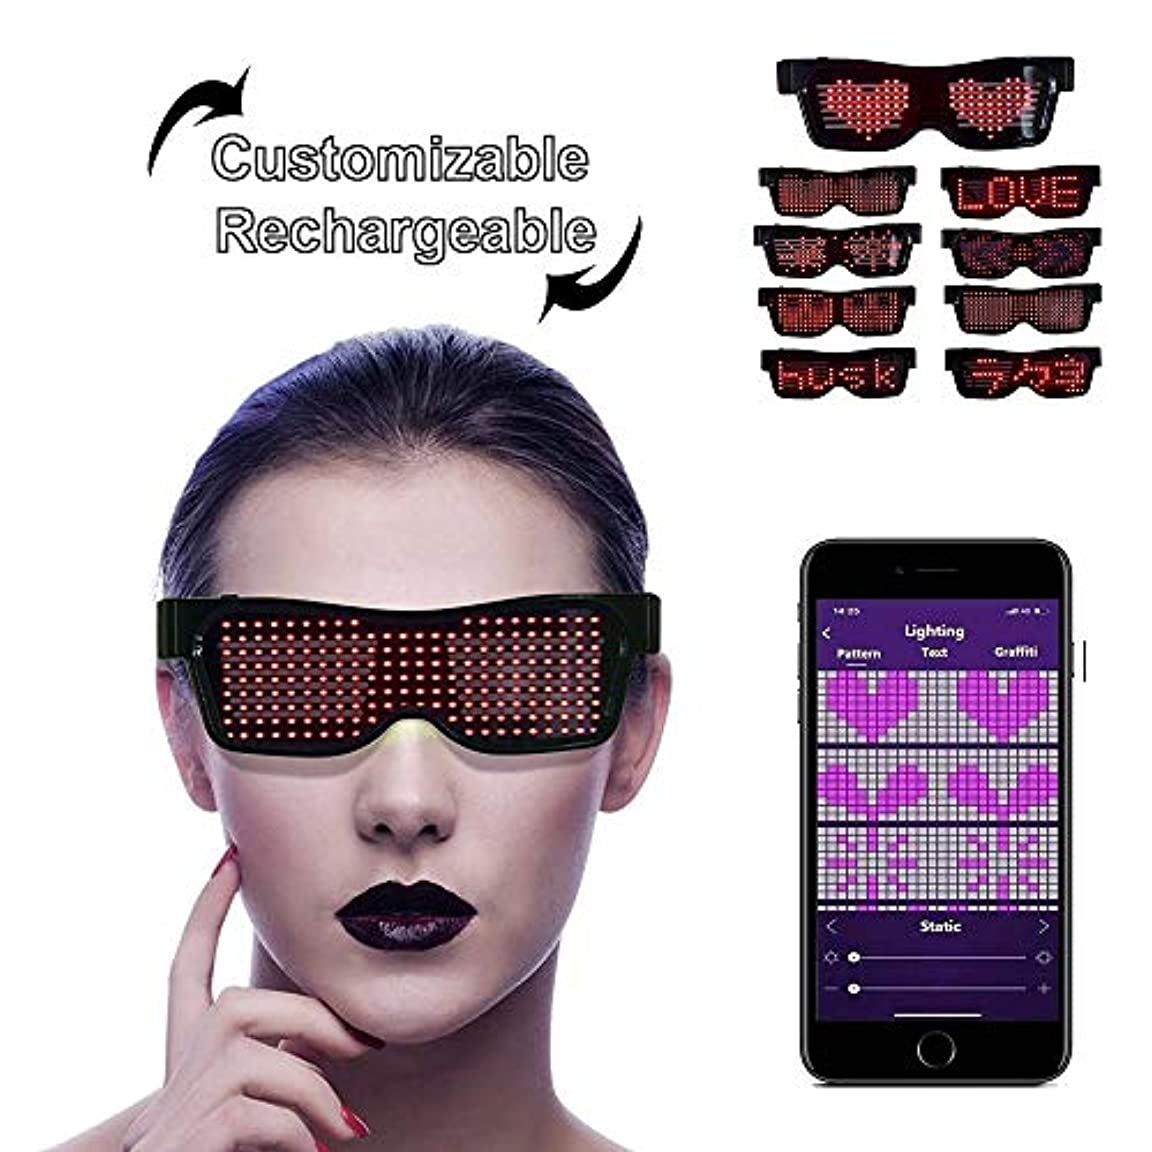 有害犬鏡LEDサングラス, LEDメガネ ブルートゥースLEDパーティーメガネカスタマイズ可能なLEDメガネUSB充電式9モードワイヤレス点滅LEDディスプレイ、フェスティバル用グロー眼鏡レイヴパーティー